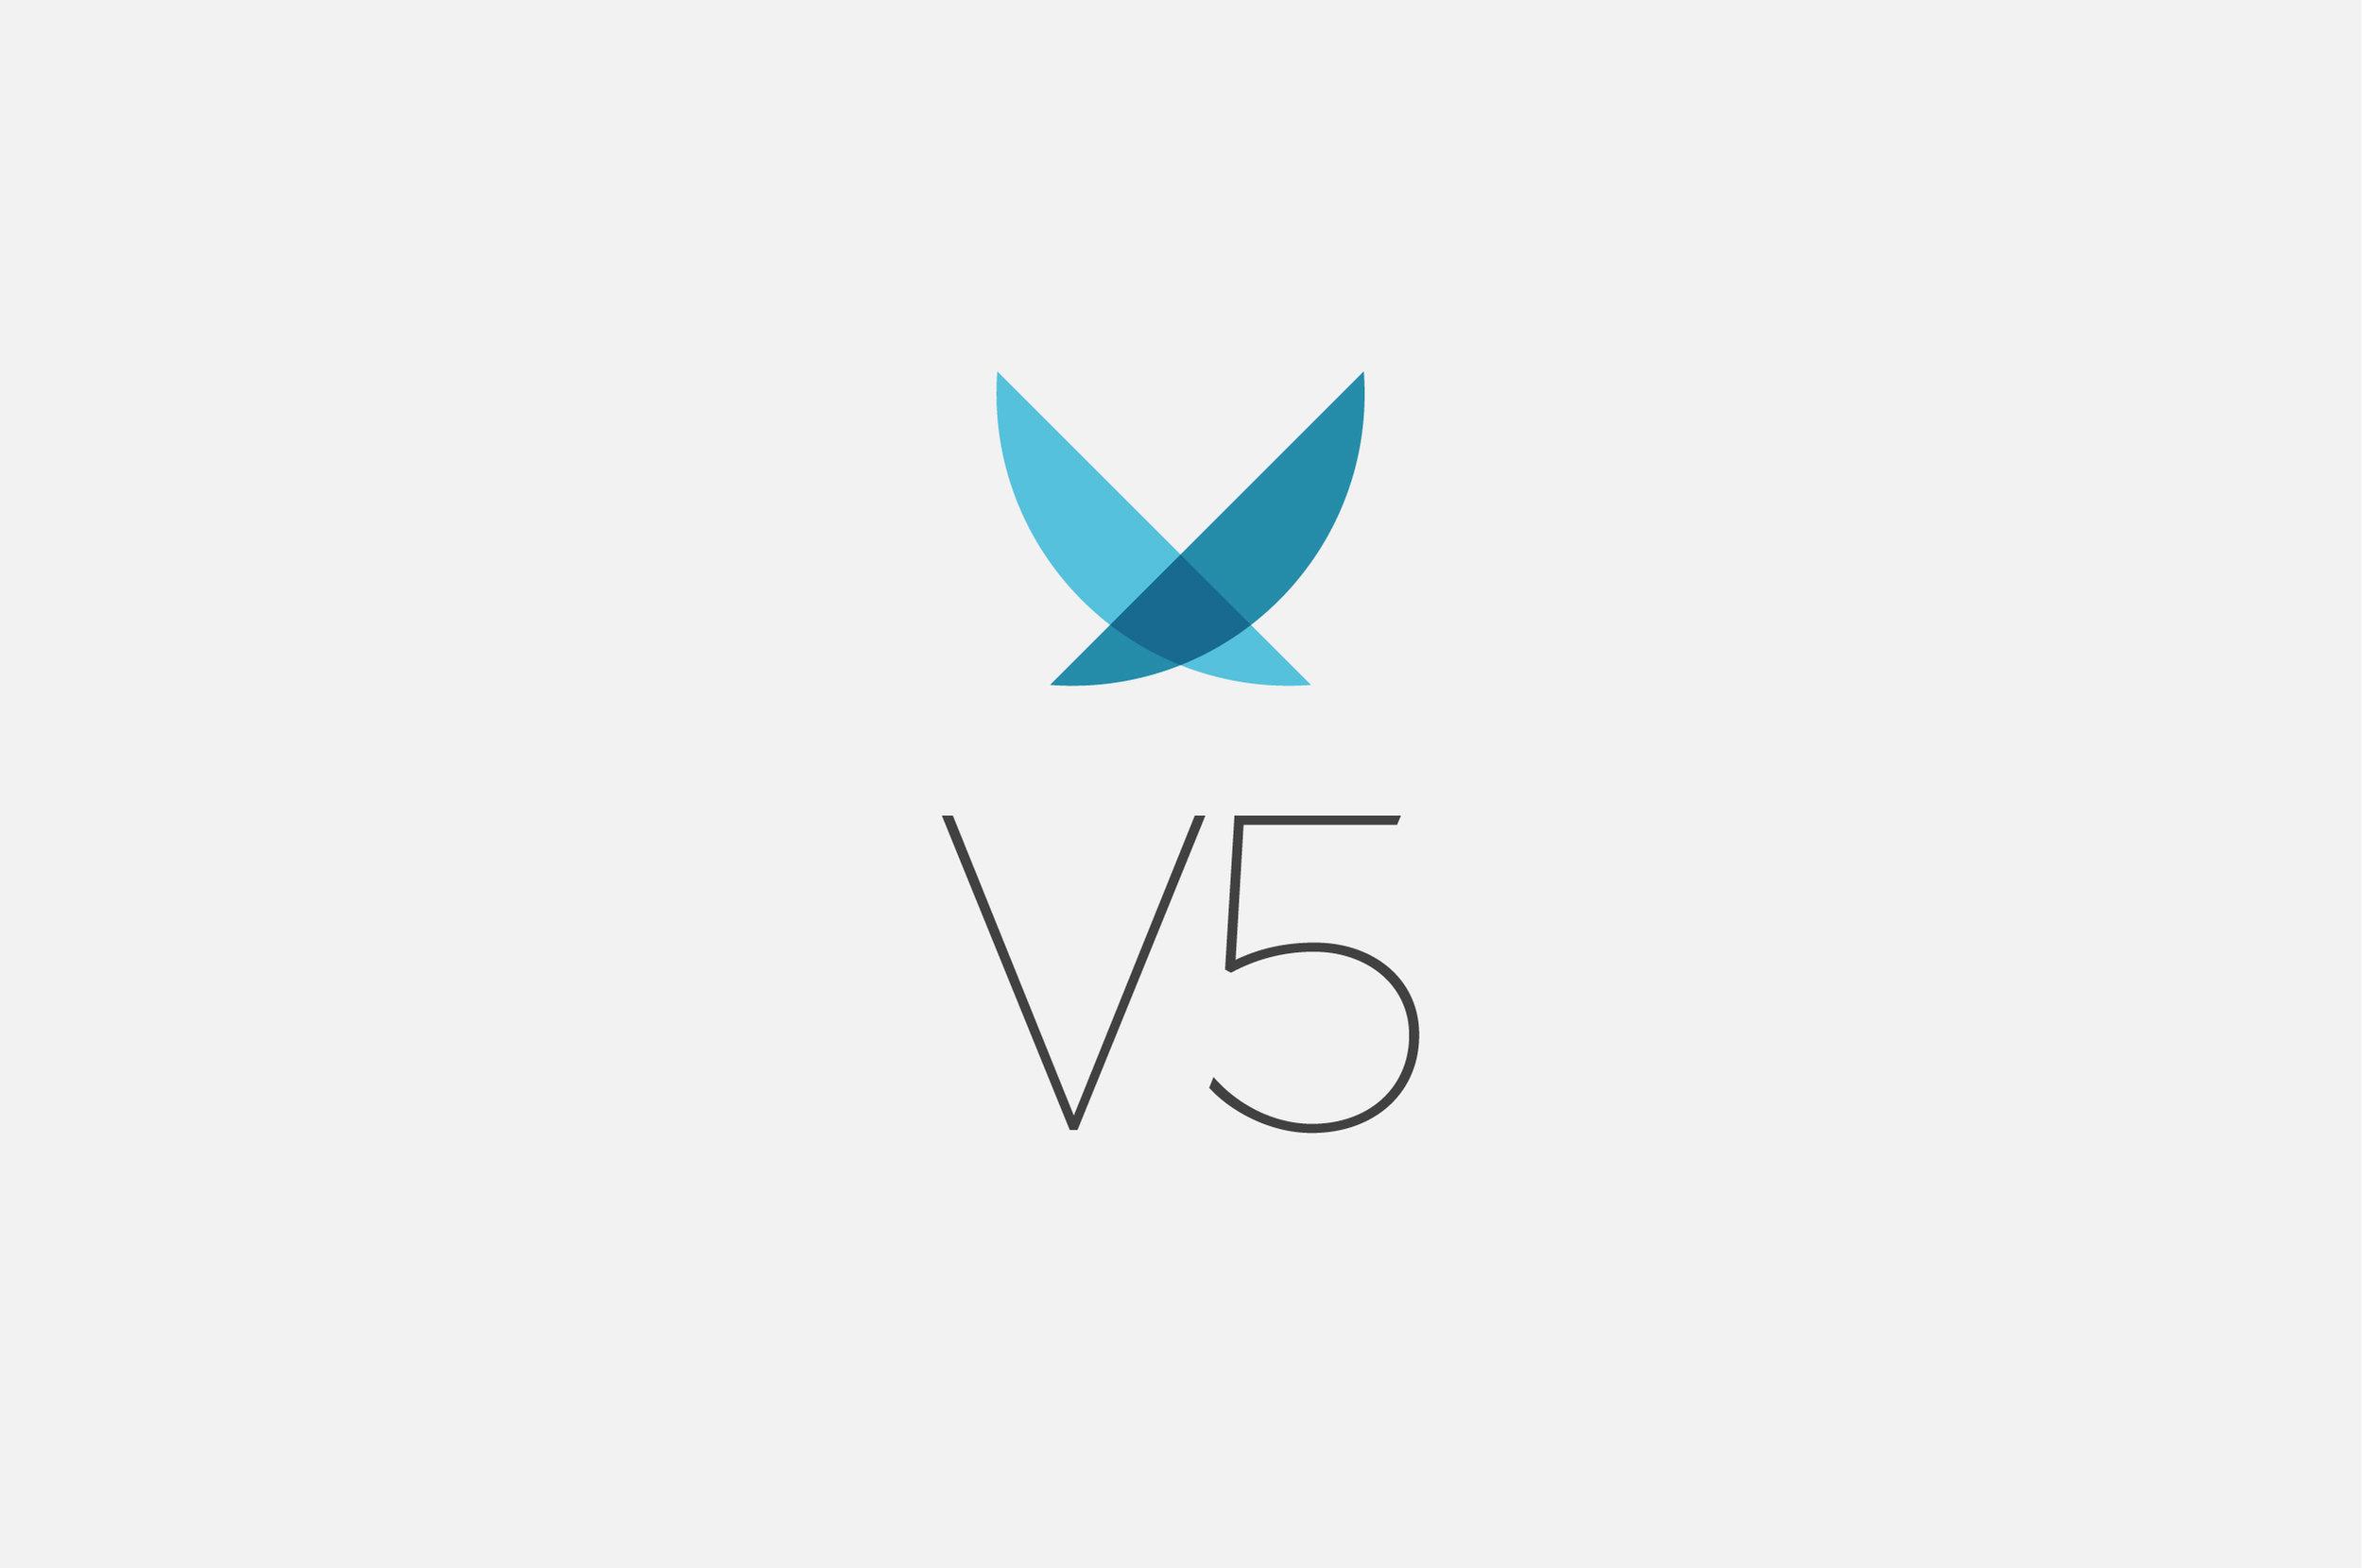 V5-09.jpg